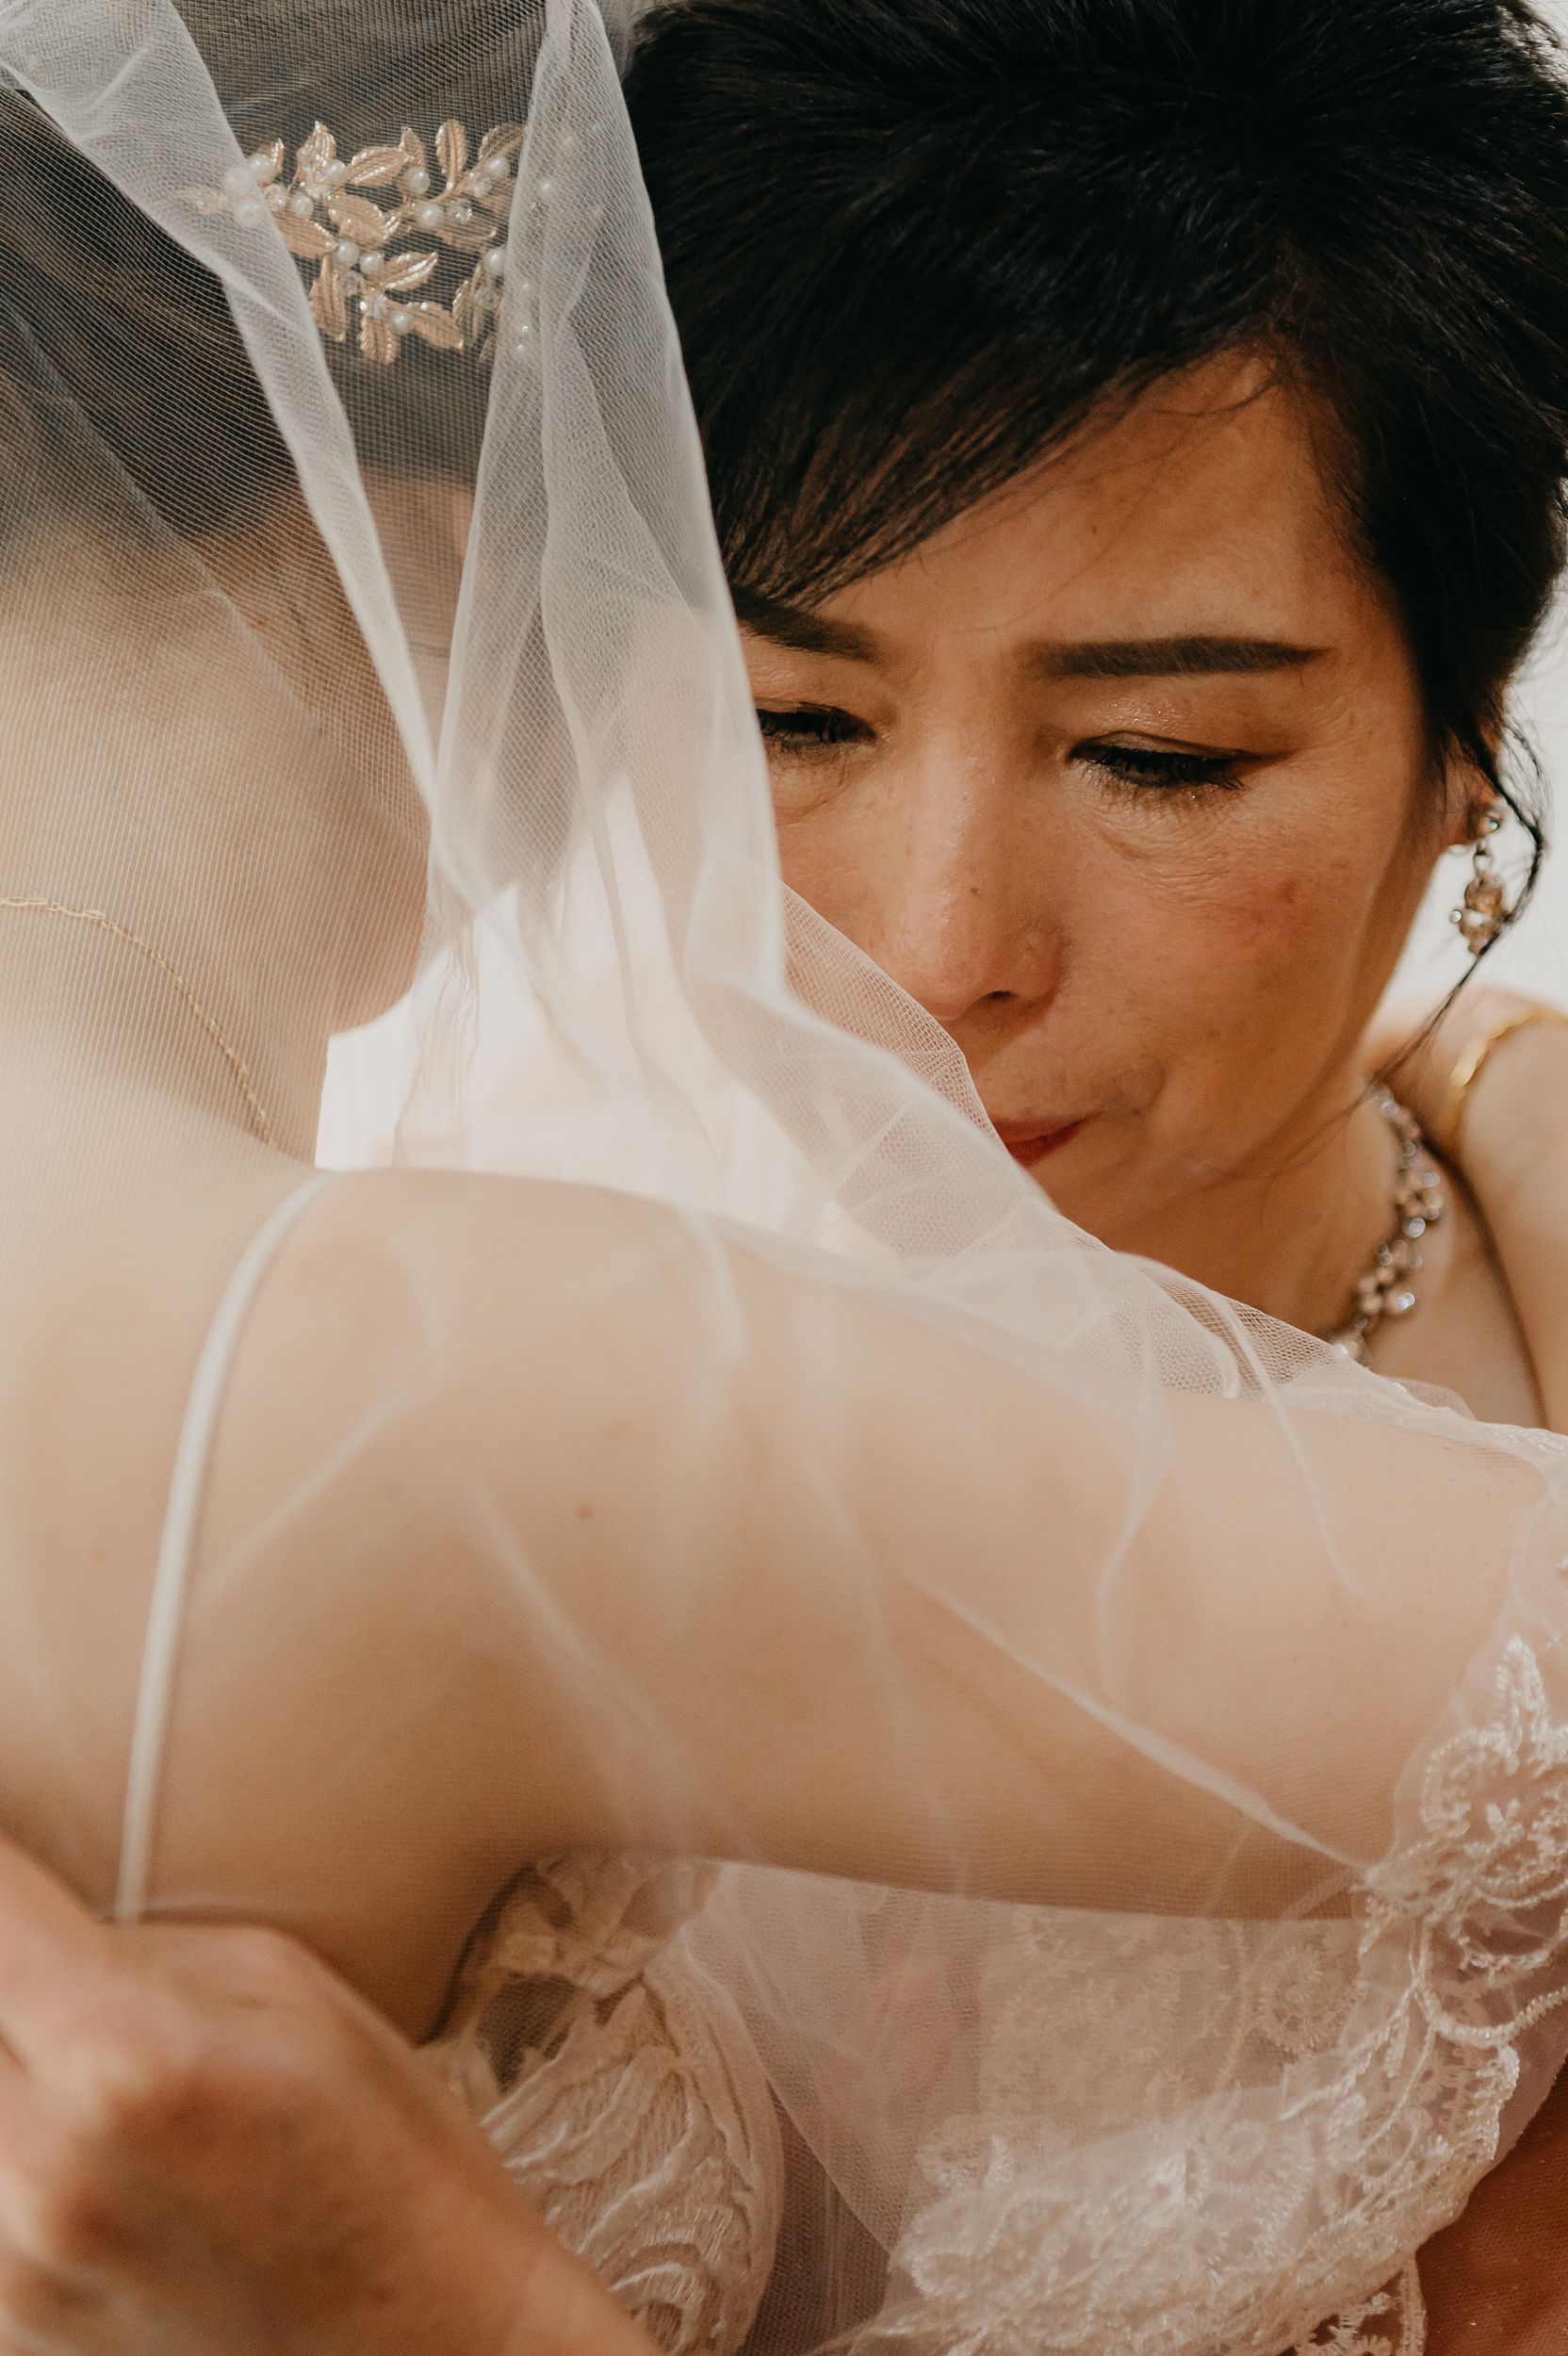 婚禮攝影,婚攝,台北攝影師,新娘物語推薦,ptt推薦婚攝,徐州路二號,婚宴會館,新秘,造型師,雙機攝影,婚禮小物,類婚紗,奉茶,訂婚儀式,結婚儀式,拜別,